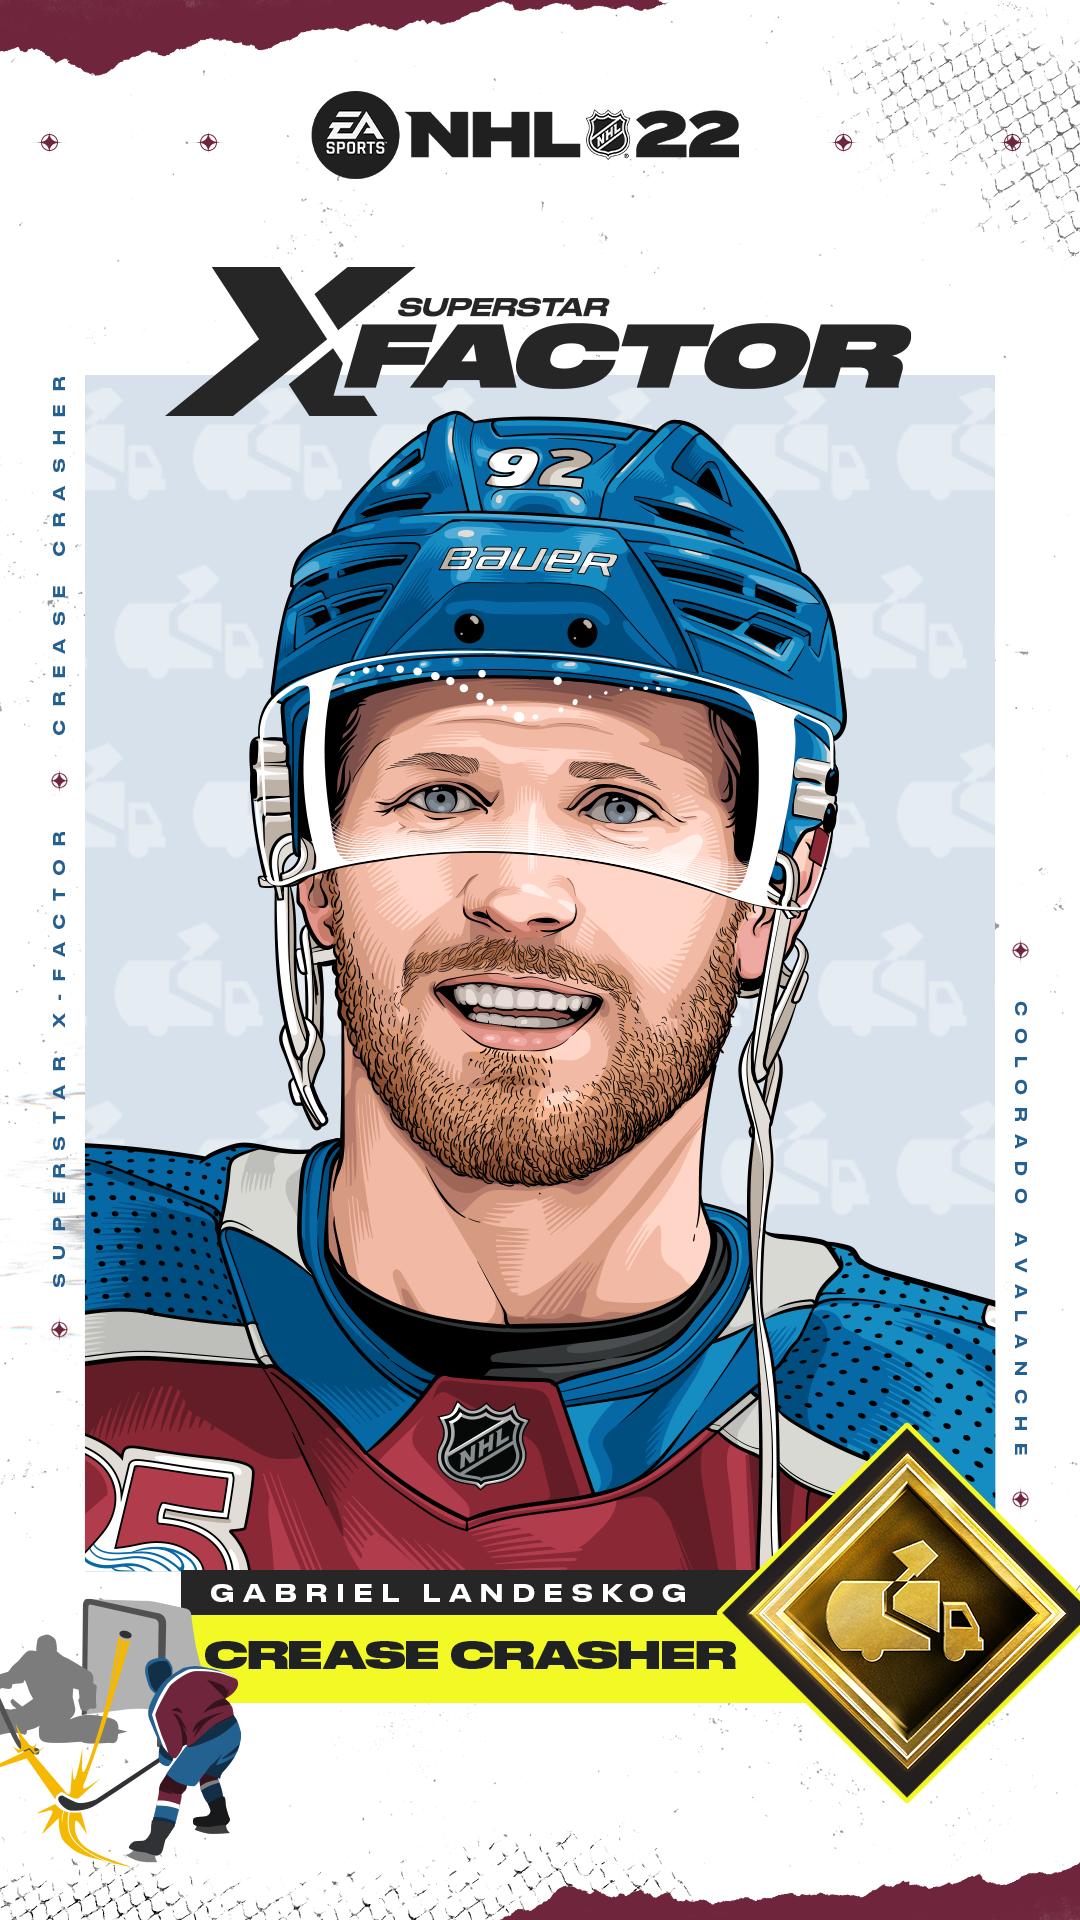 NHL22_XFactor_GabrielLandeskog_9x16